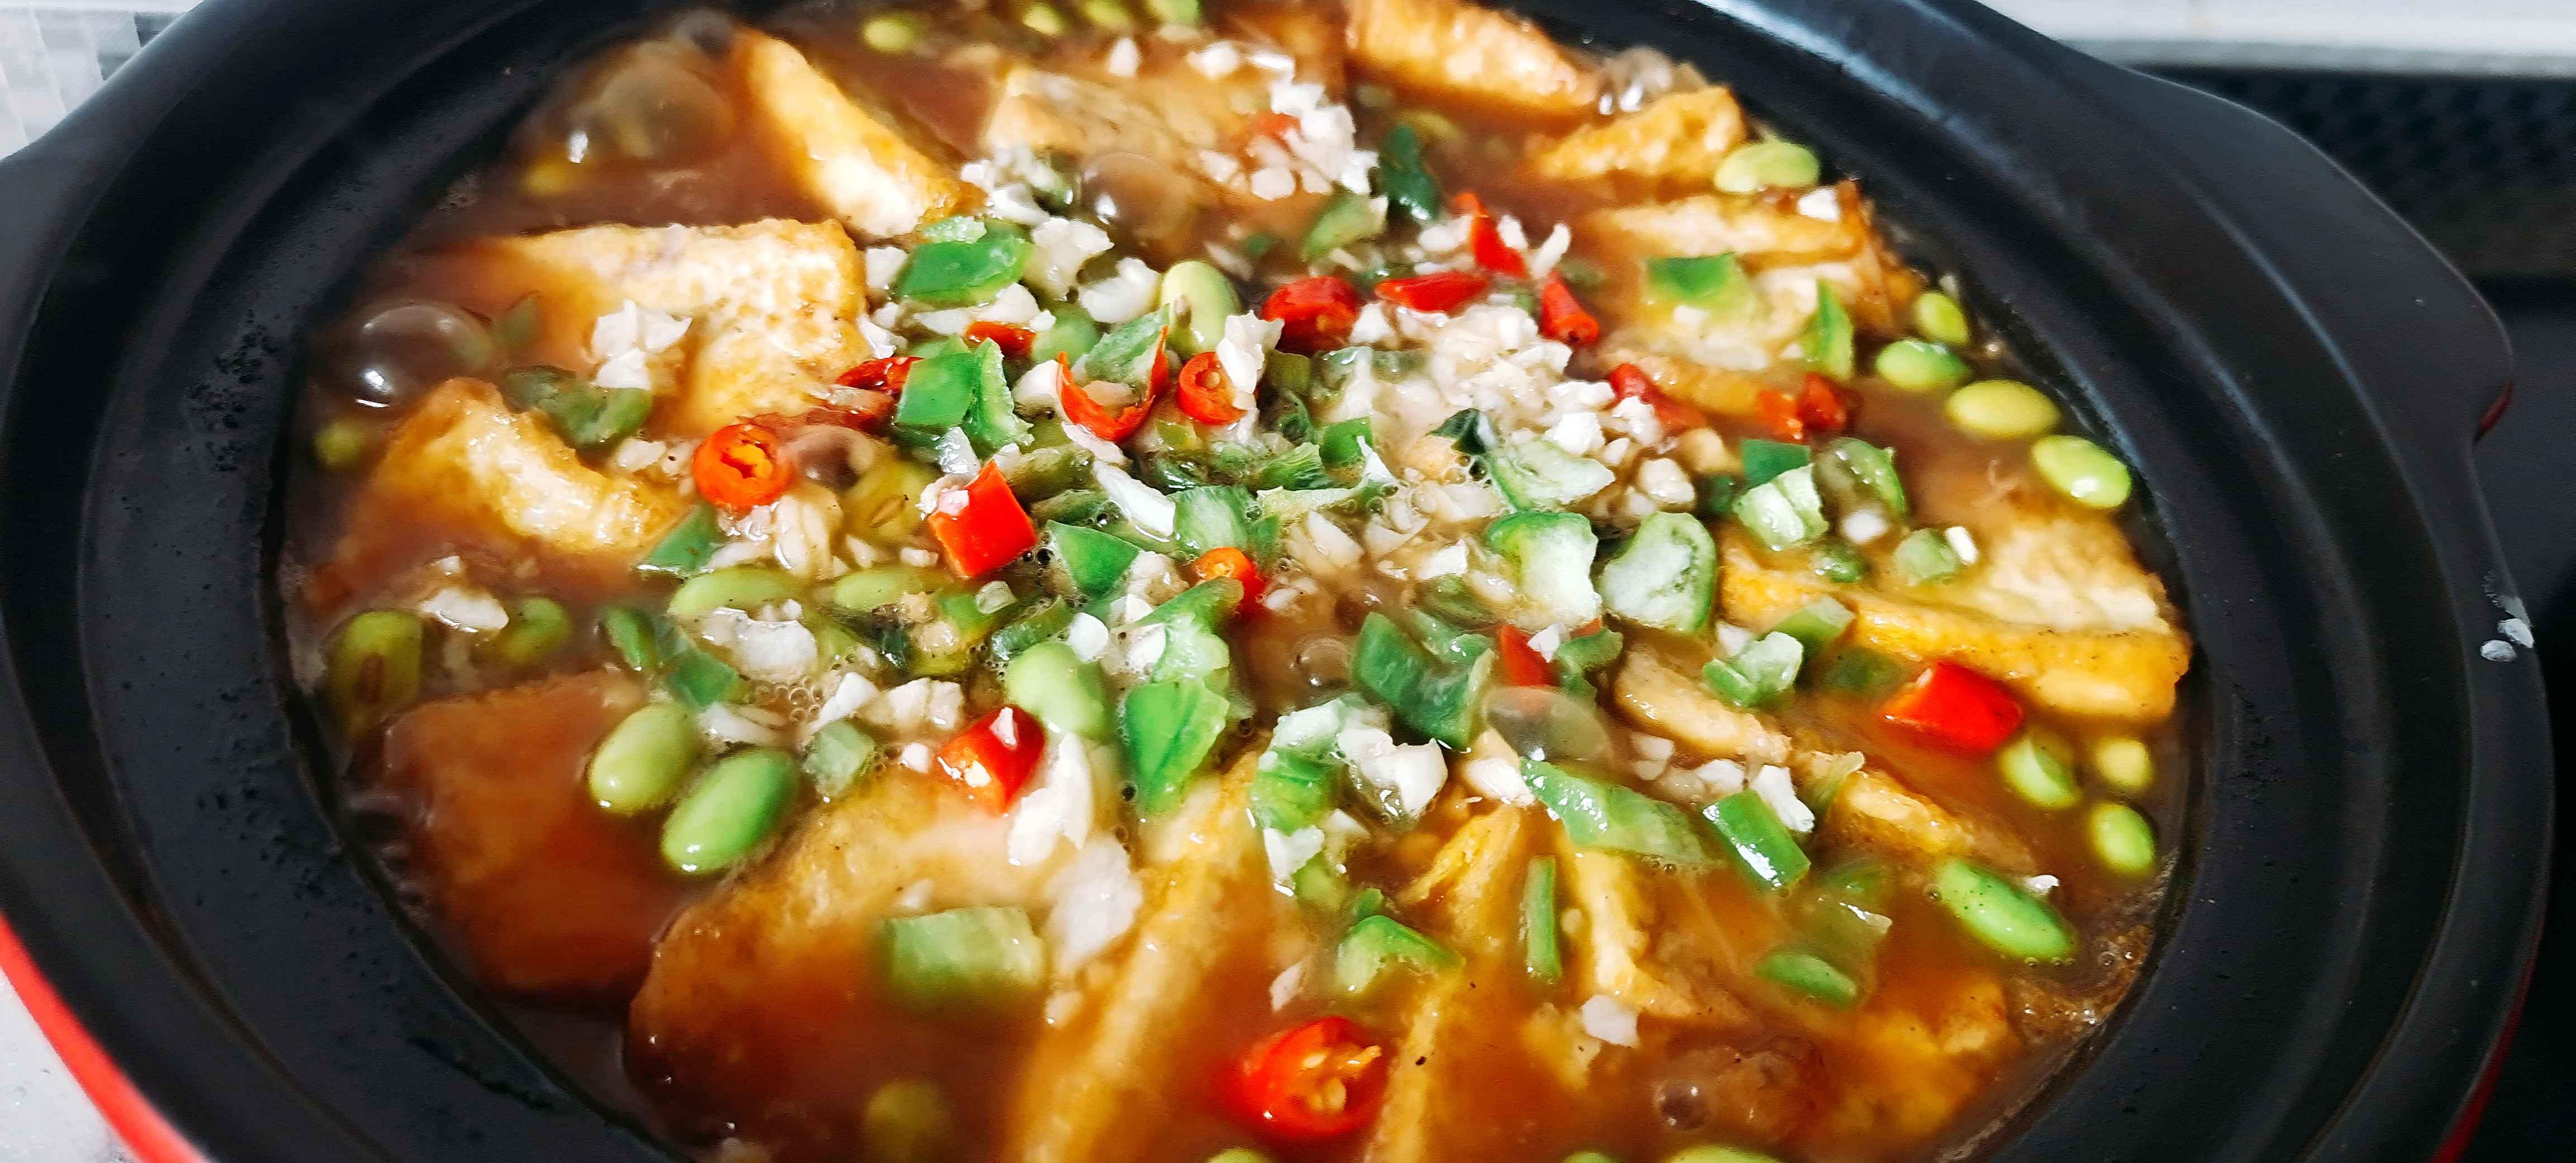 秋冬这样吃豆腐,暖身又下饭…金针豆腐煲怎样做